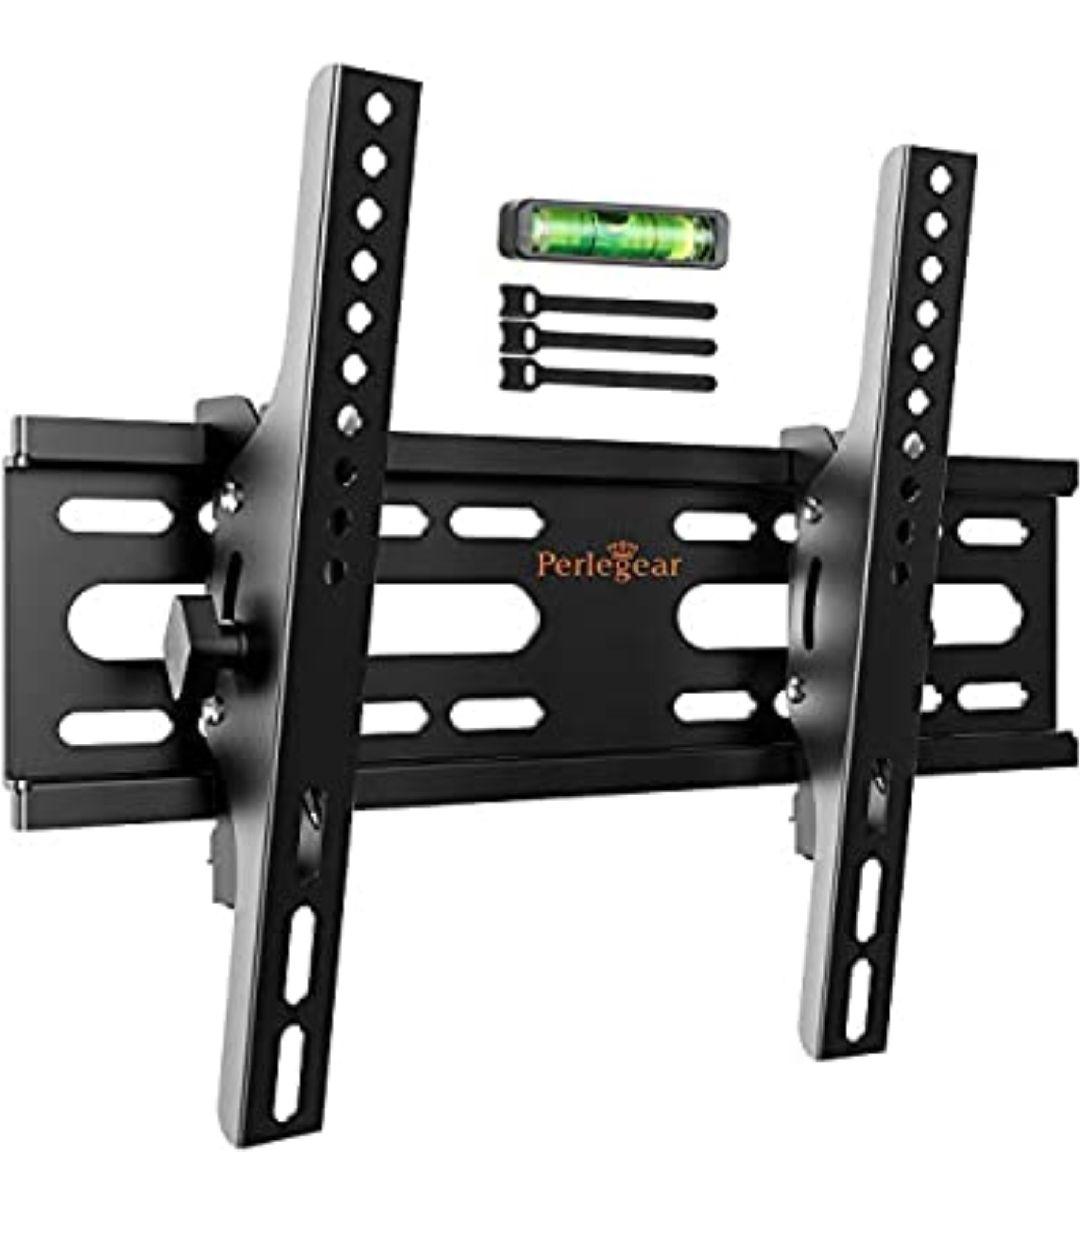 Soporte de TV Perlegear - Soporte de TV en Pared Inclinable para Televisores de 26 a 55 Pulgadas con Carga de 45 kg, VESA máx.